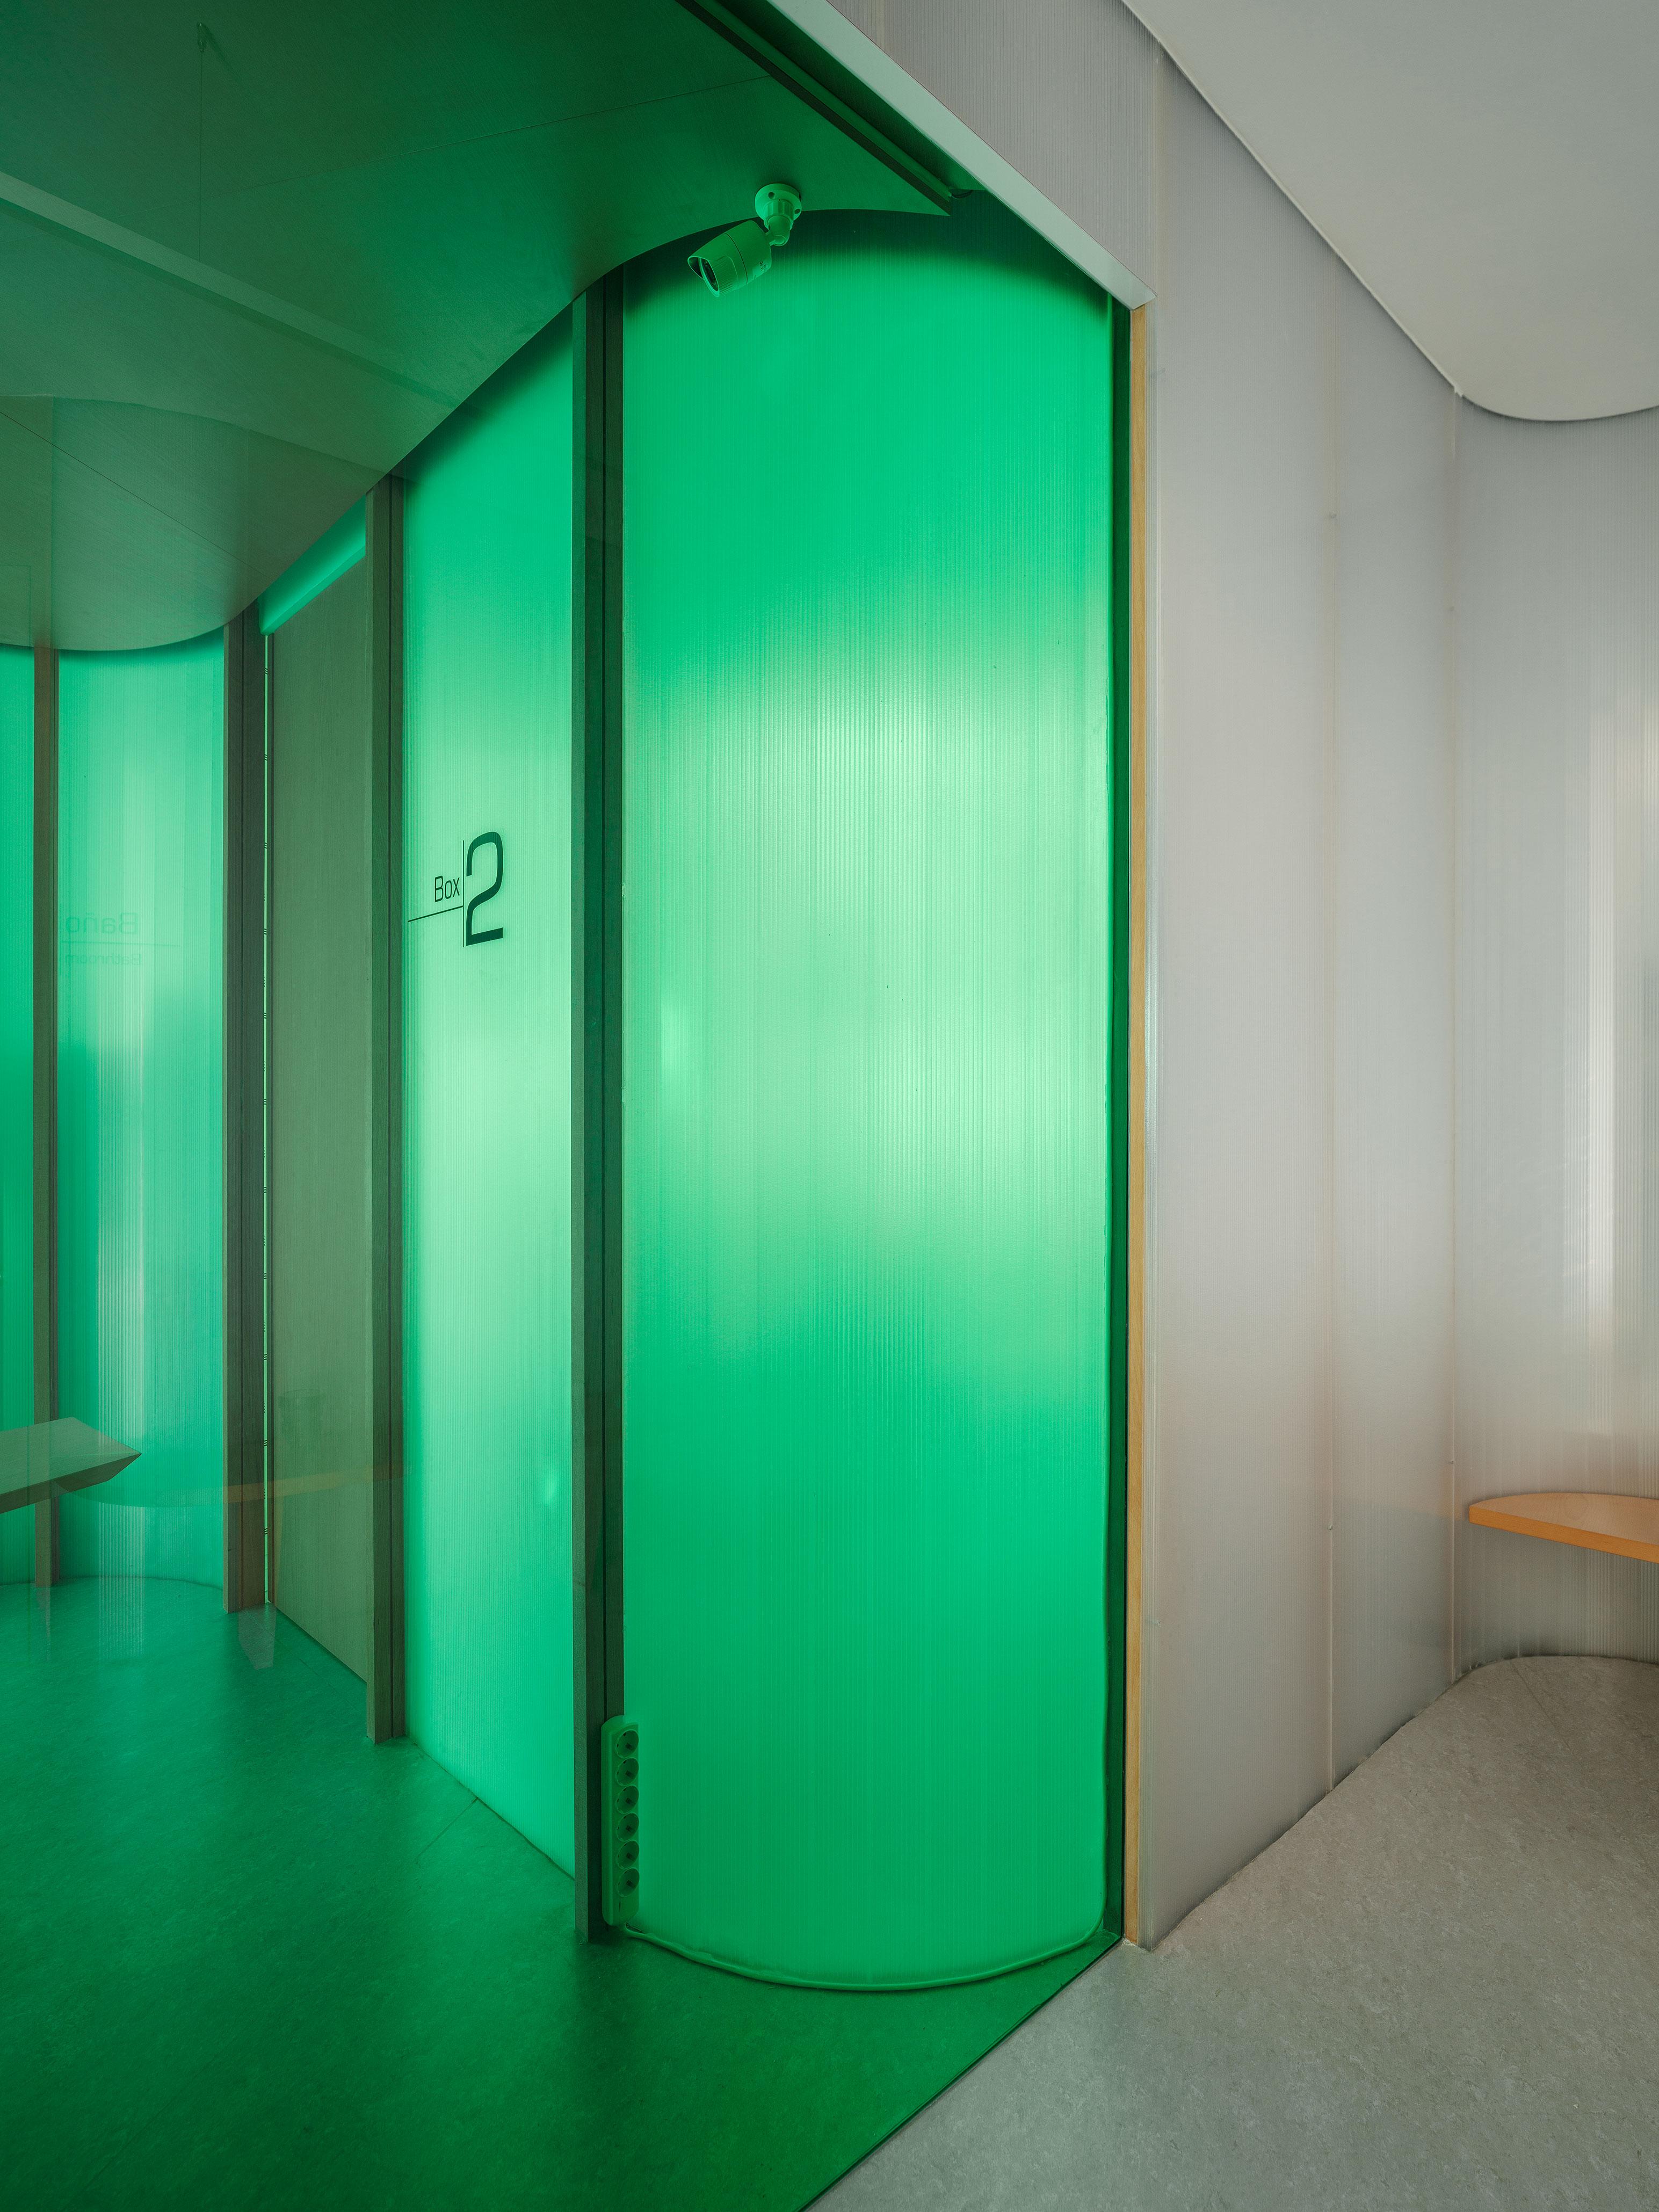 Clinica_Estrems_by_Raum_4142_foto_Luis_Diaz_Diaz_11